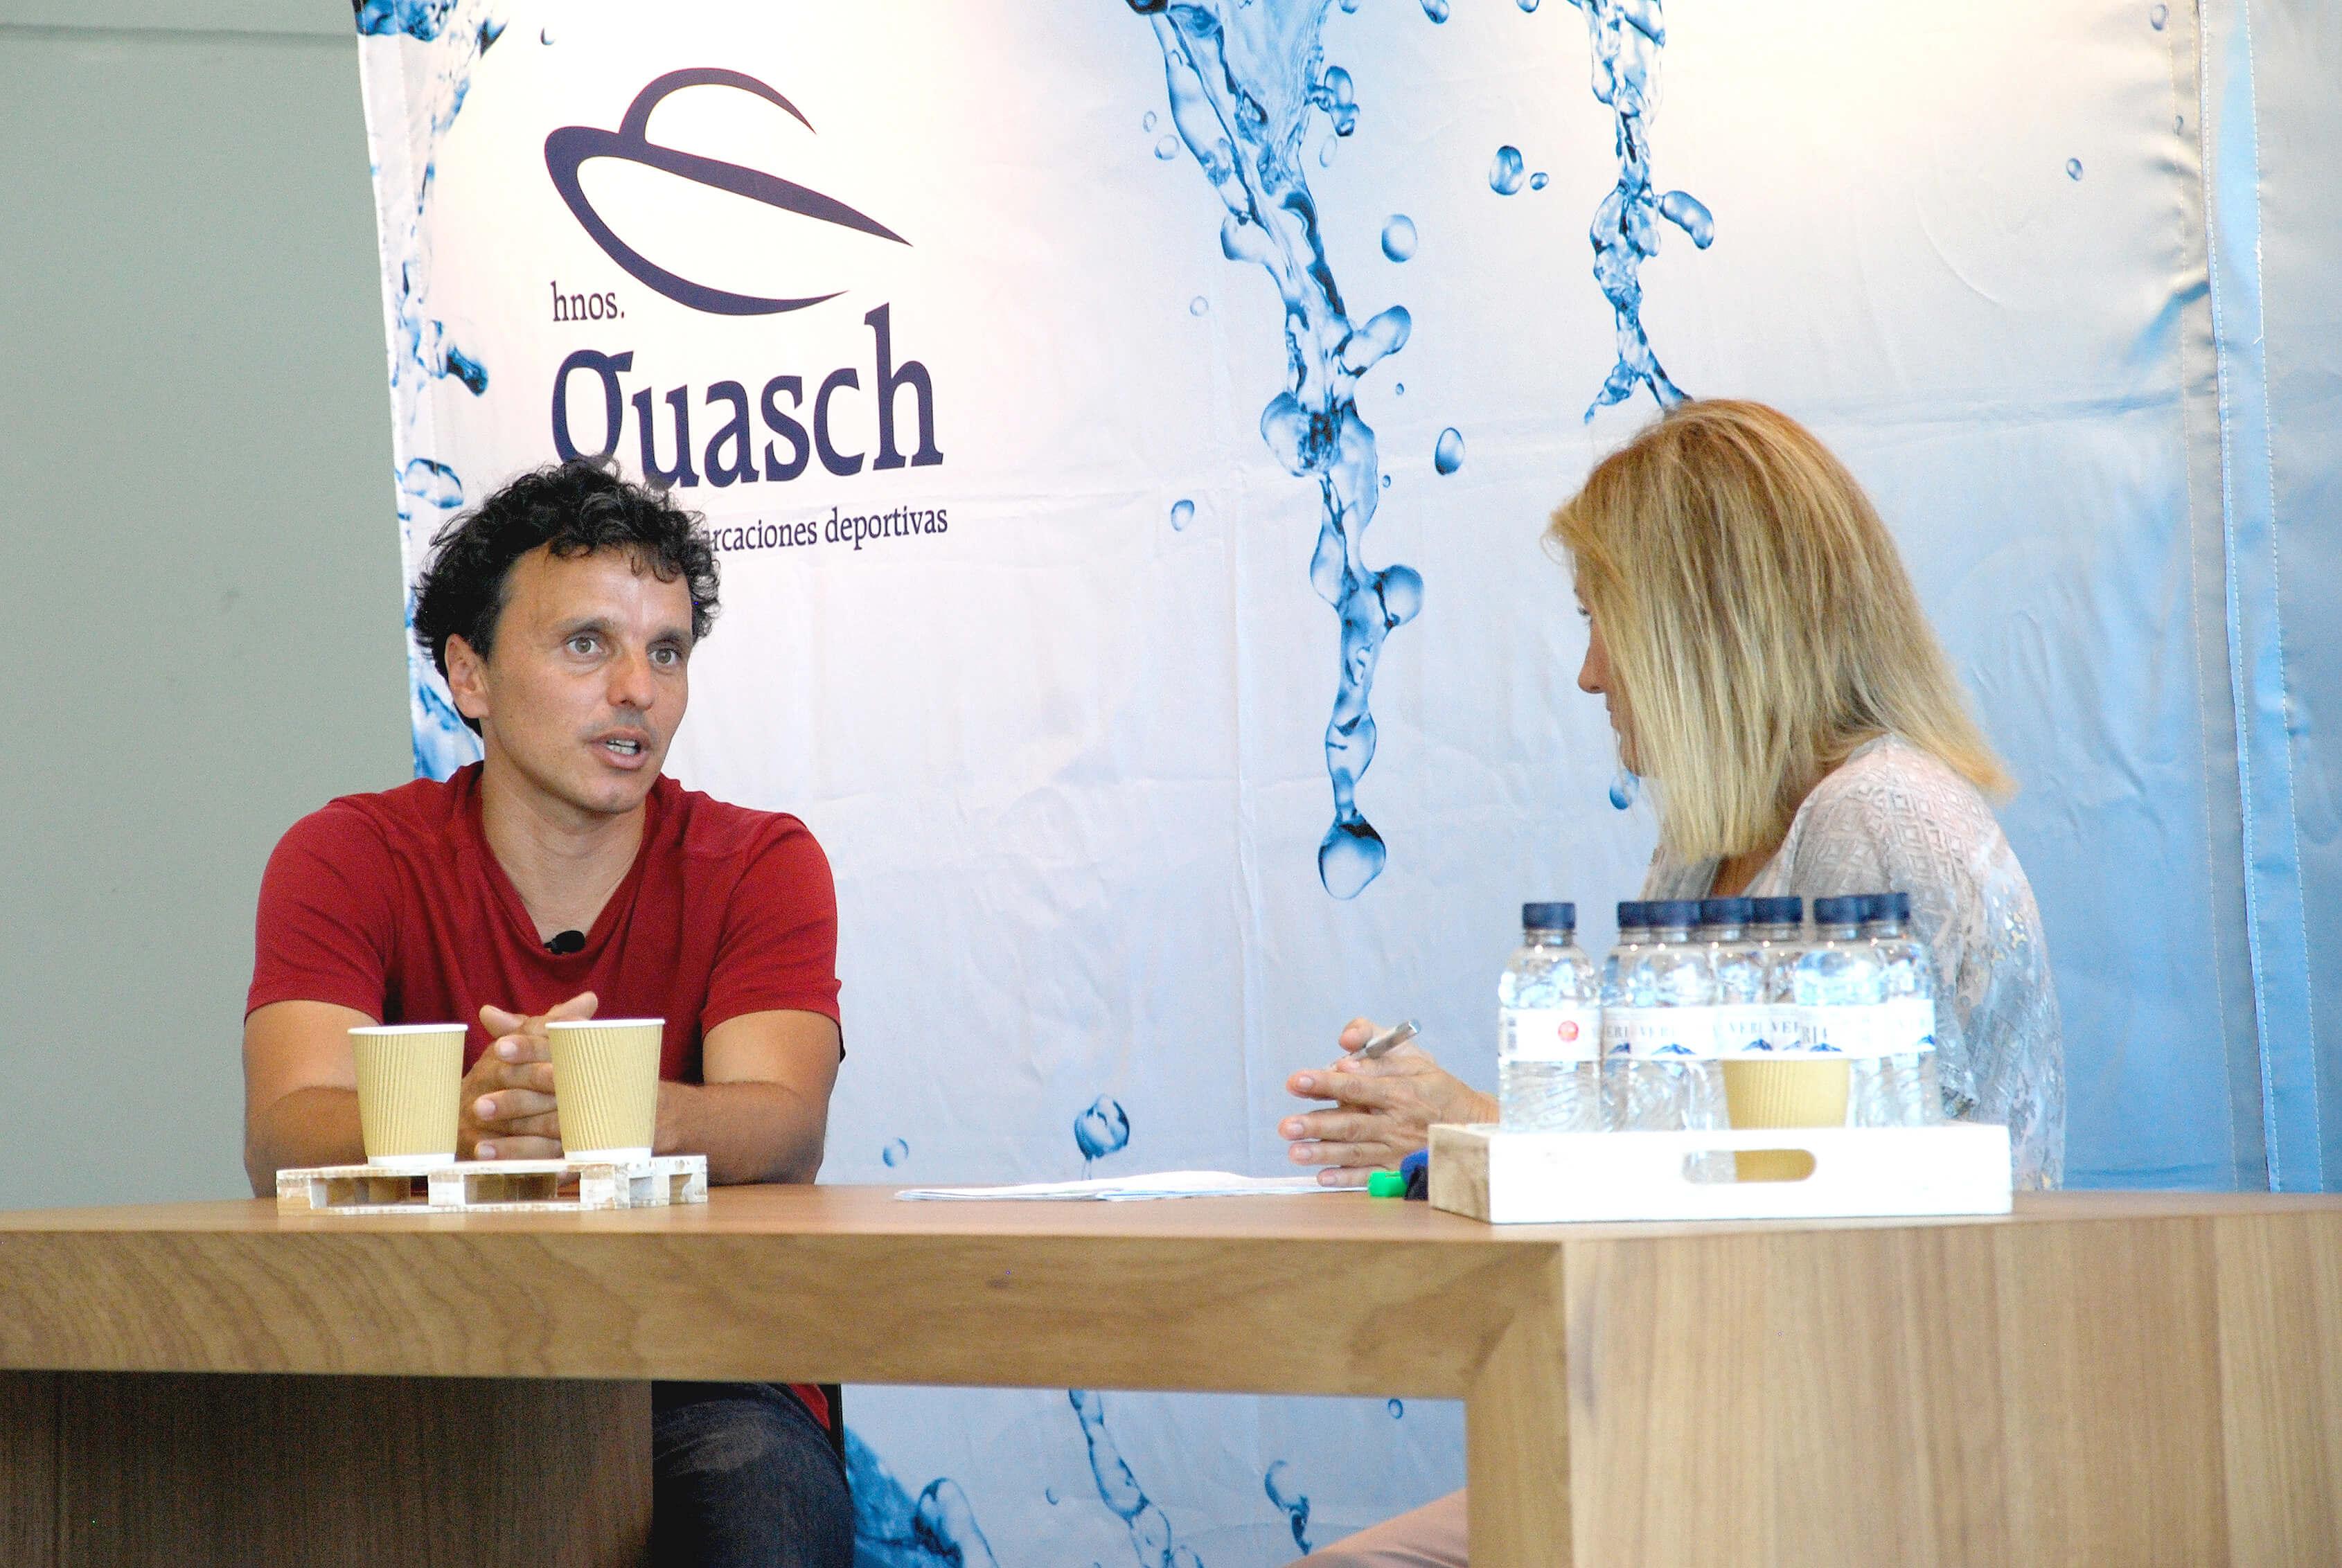 Didac Costa ya prepara su 3ª vuelta al mundo a vela en solitario con el apoyo de Hermanos Guasch